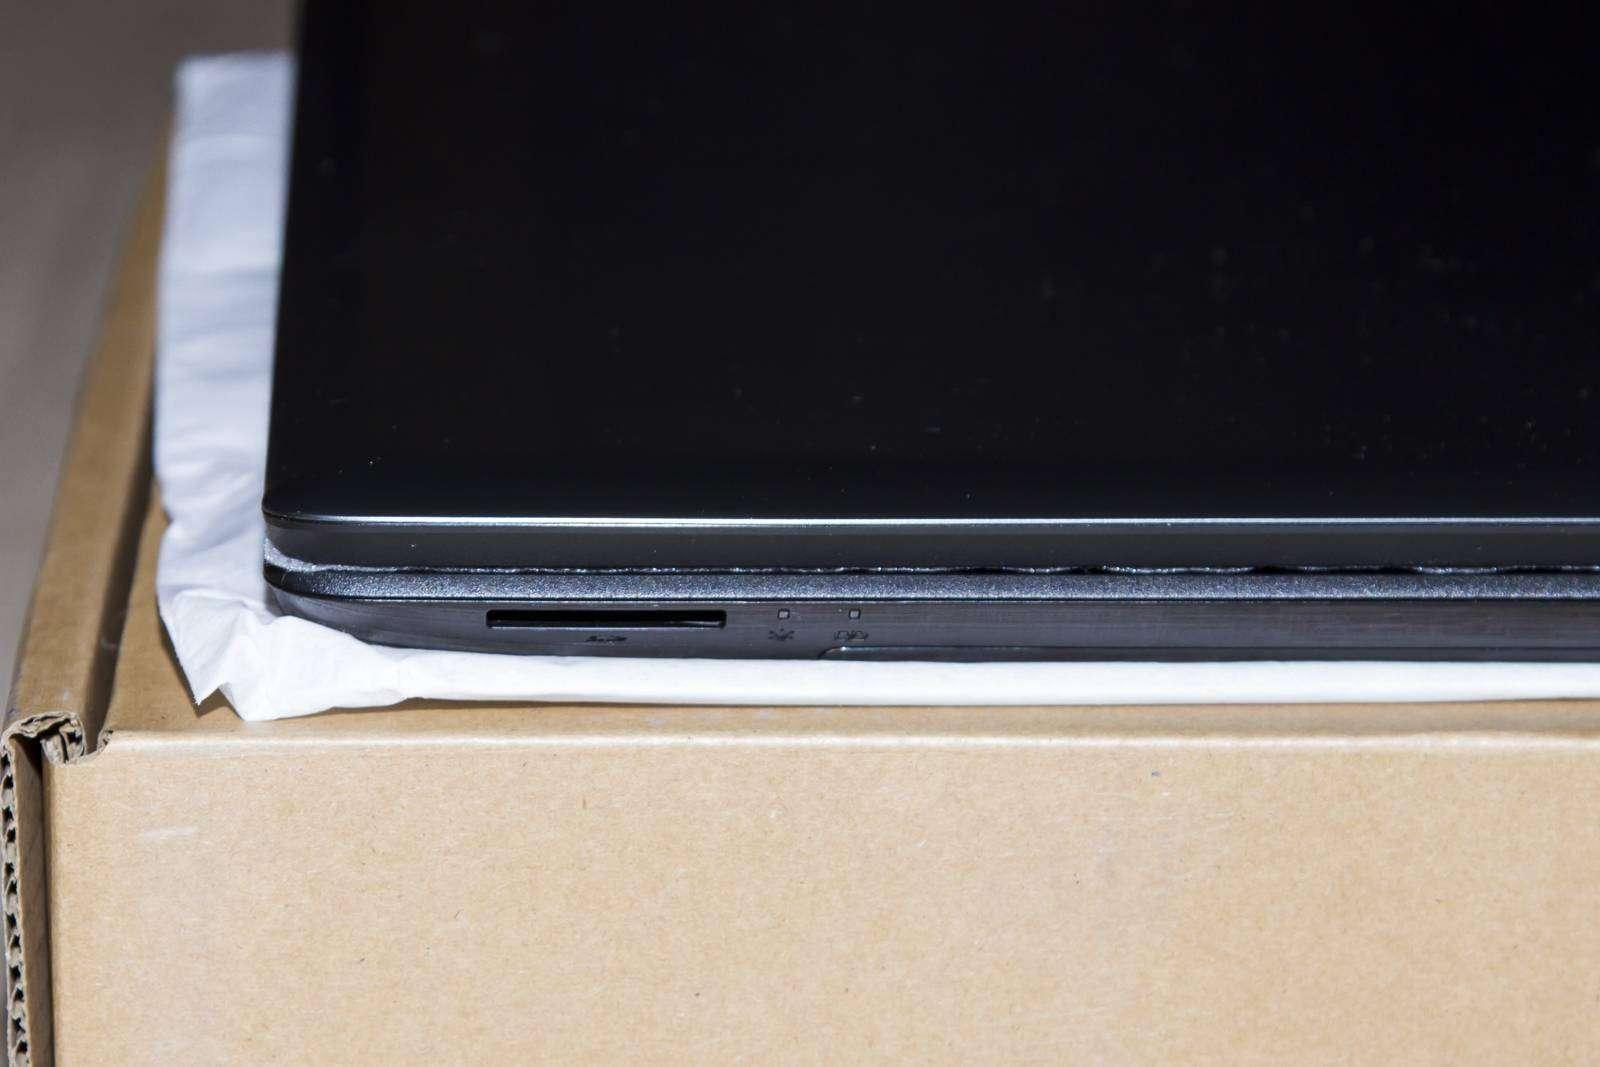 Розетка: Ноутбук Acer Aspire E5-774G-72EE, как я вовремя купил :)